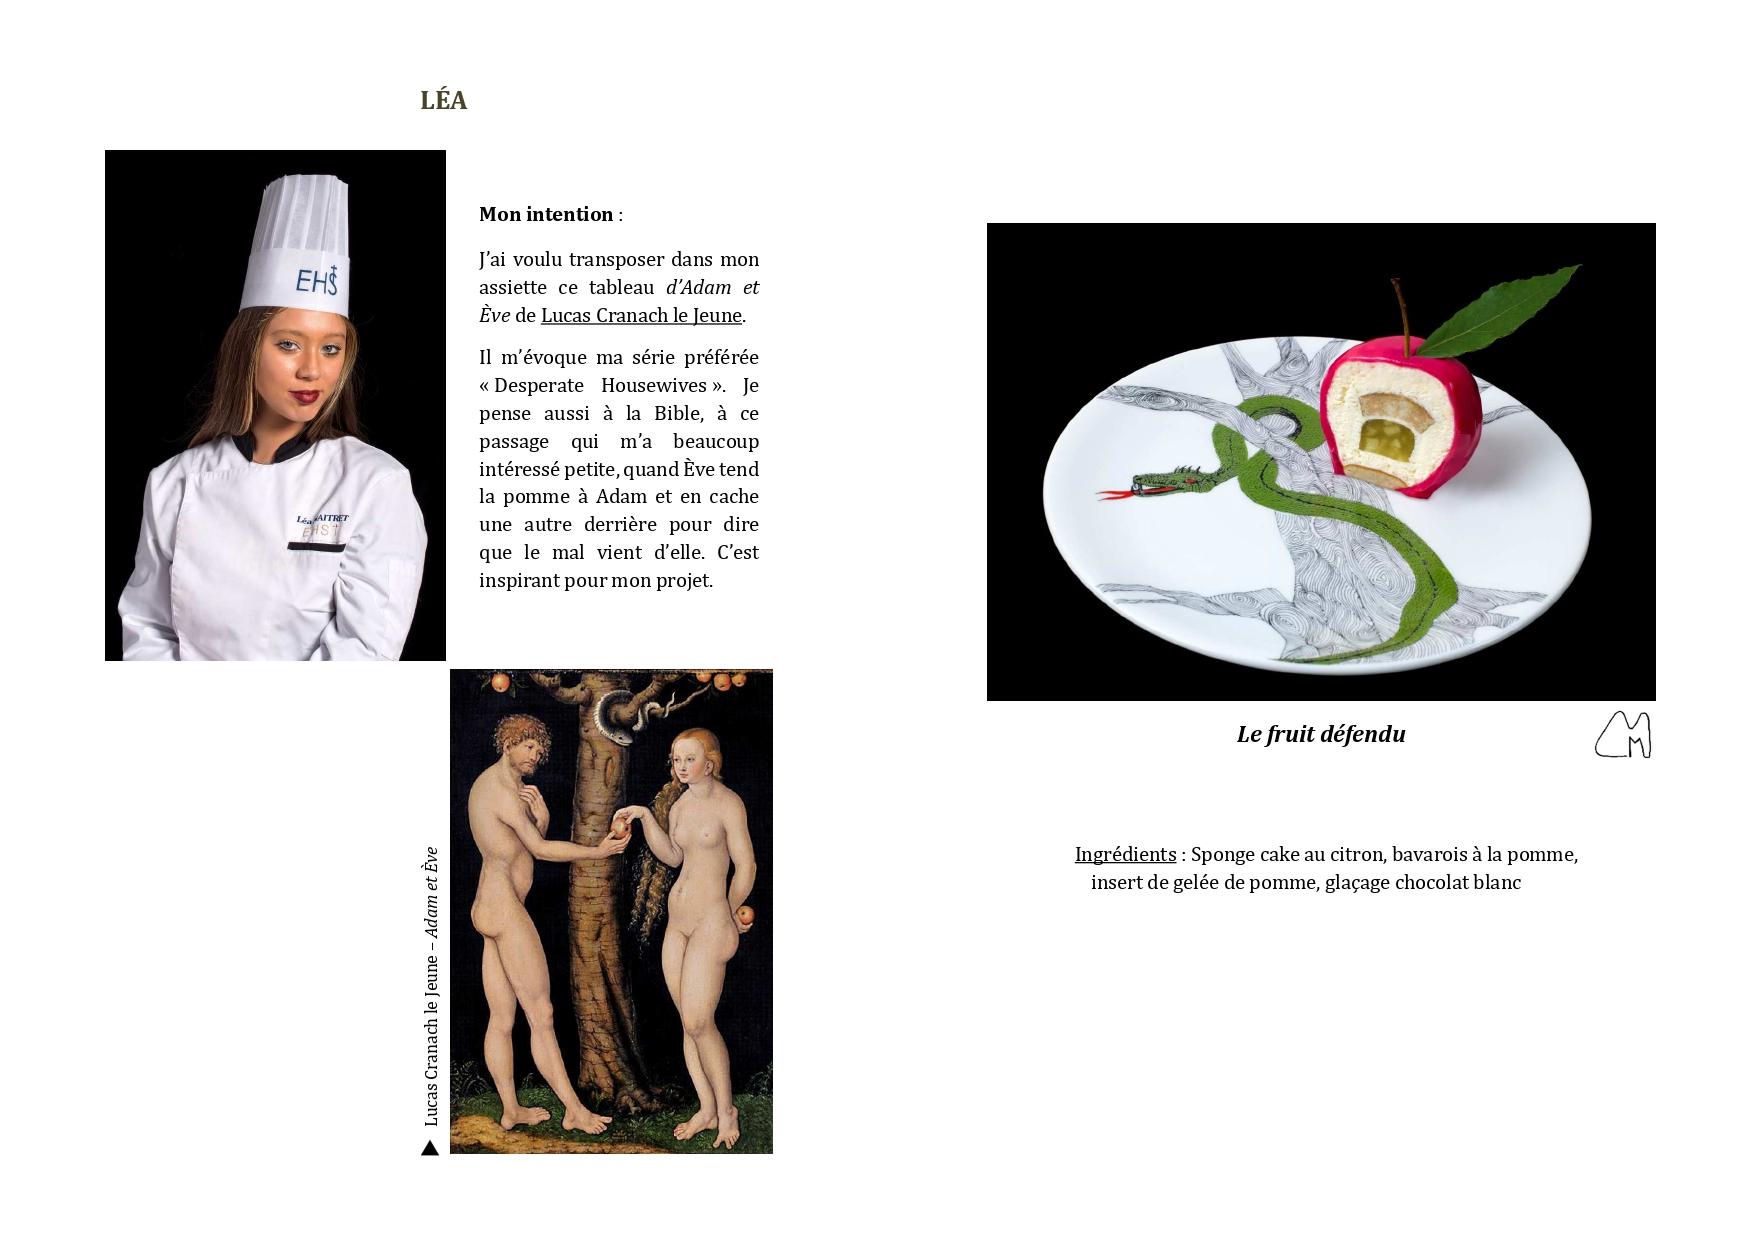 Fondation Foujita - Livret Projet L'Art dans l'Assiette 2018-2019 sur 2 pages-6_page-0001